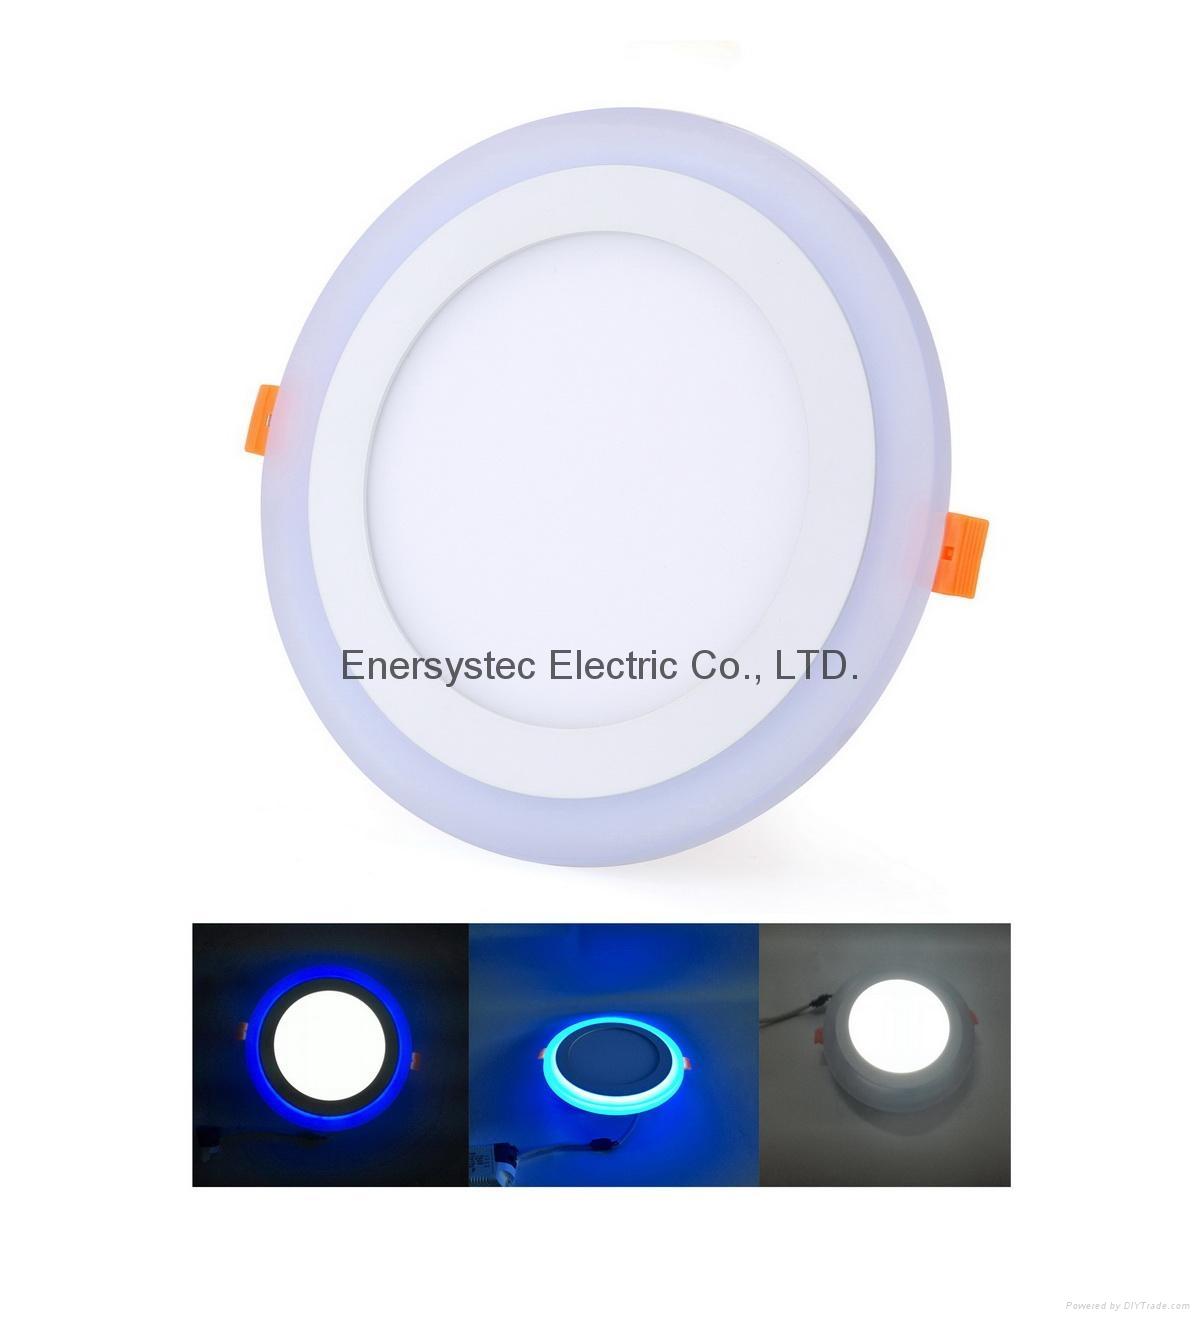 Double Color LED Panel Light, Dual Color White 12W+Blue 4W 1